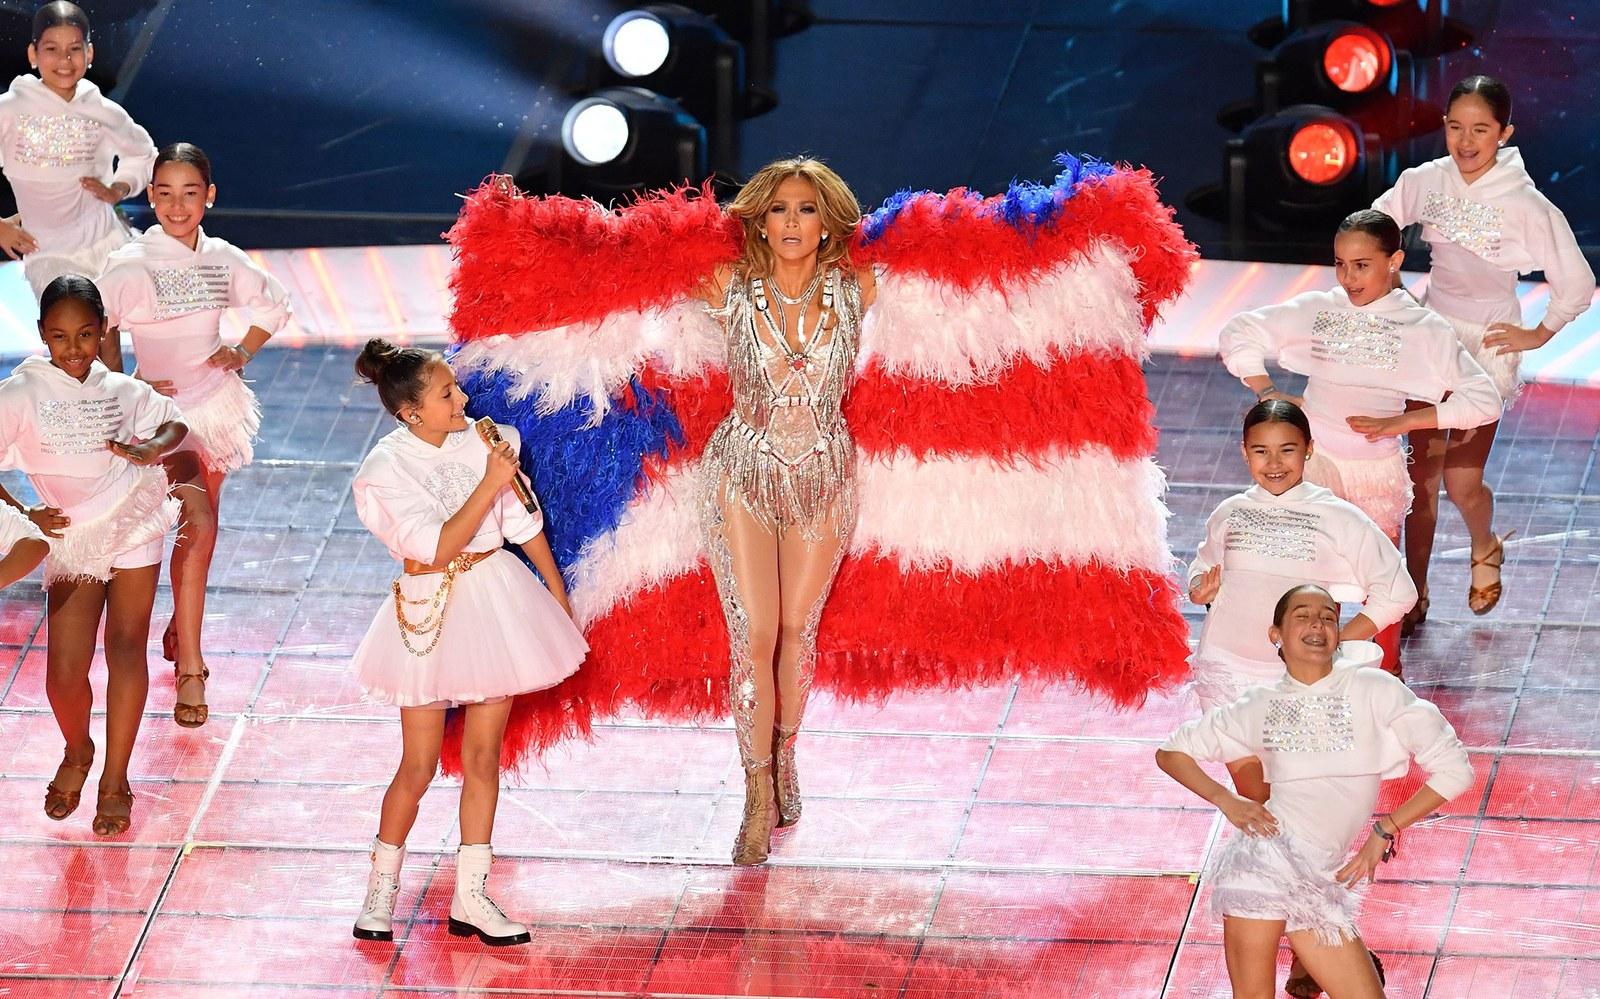 Jennifer Lopez thay đồ chỉ trong 8 giây, Shakira mặc váy đính 20.000 viên Swavroski tại Super Bowl Halftime Show 2020 - 5